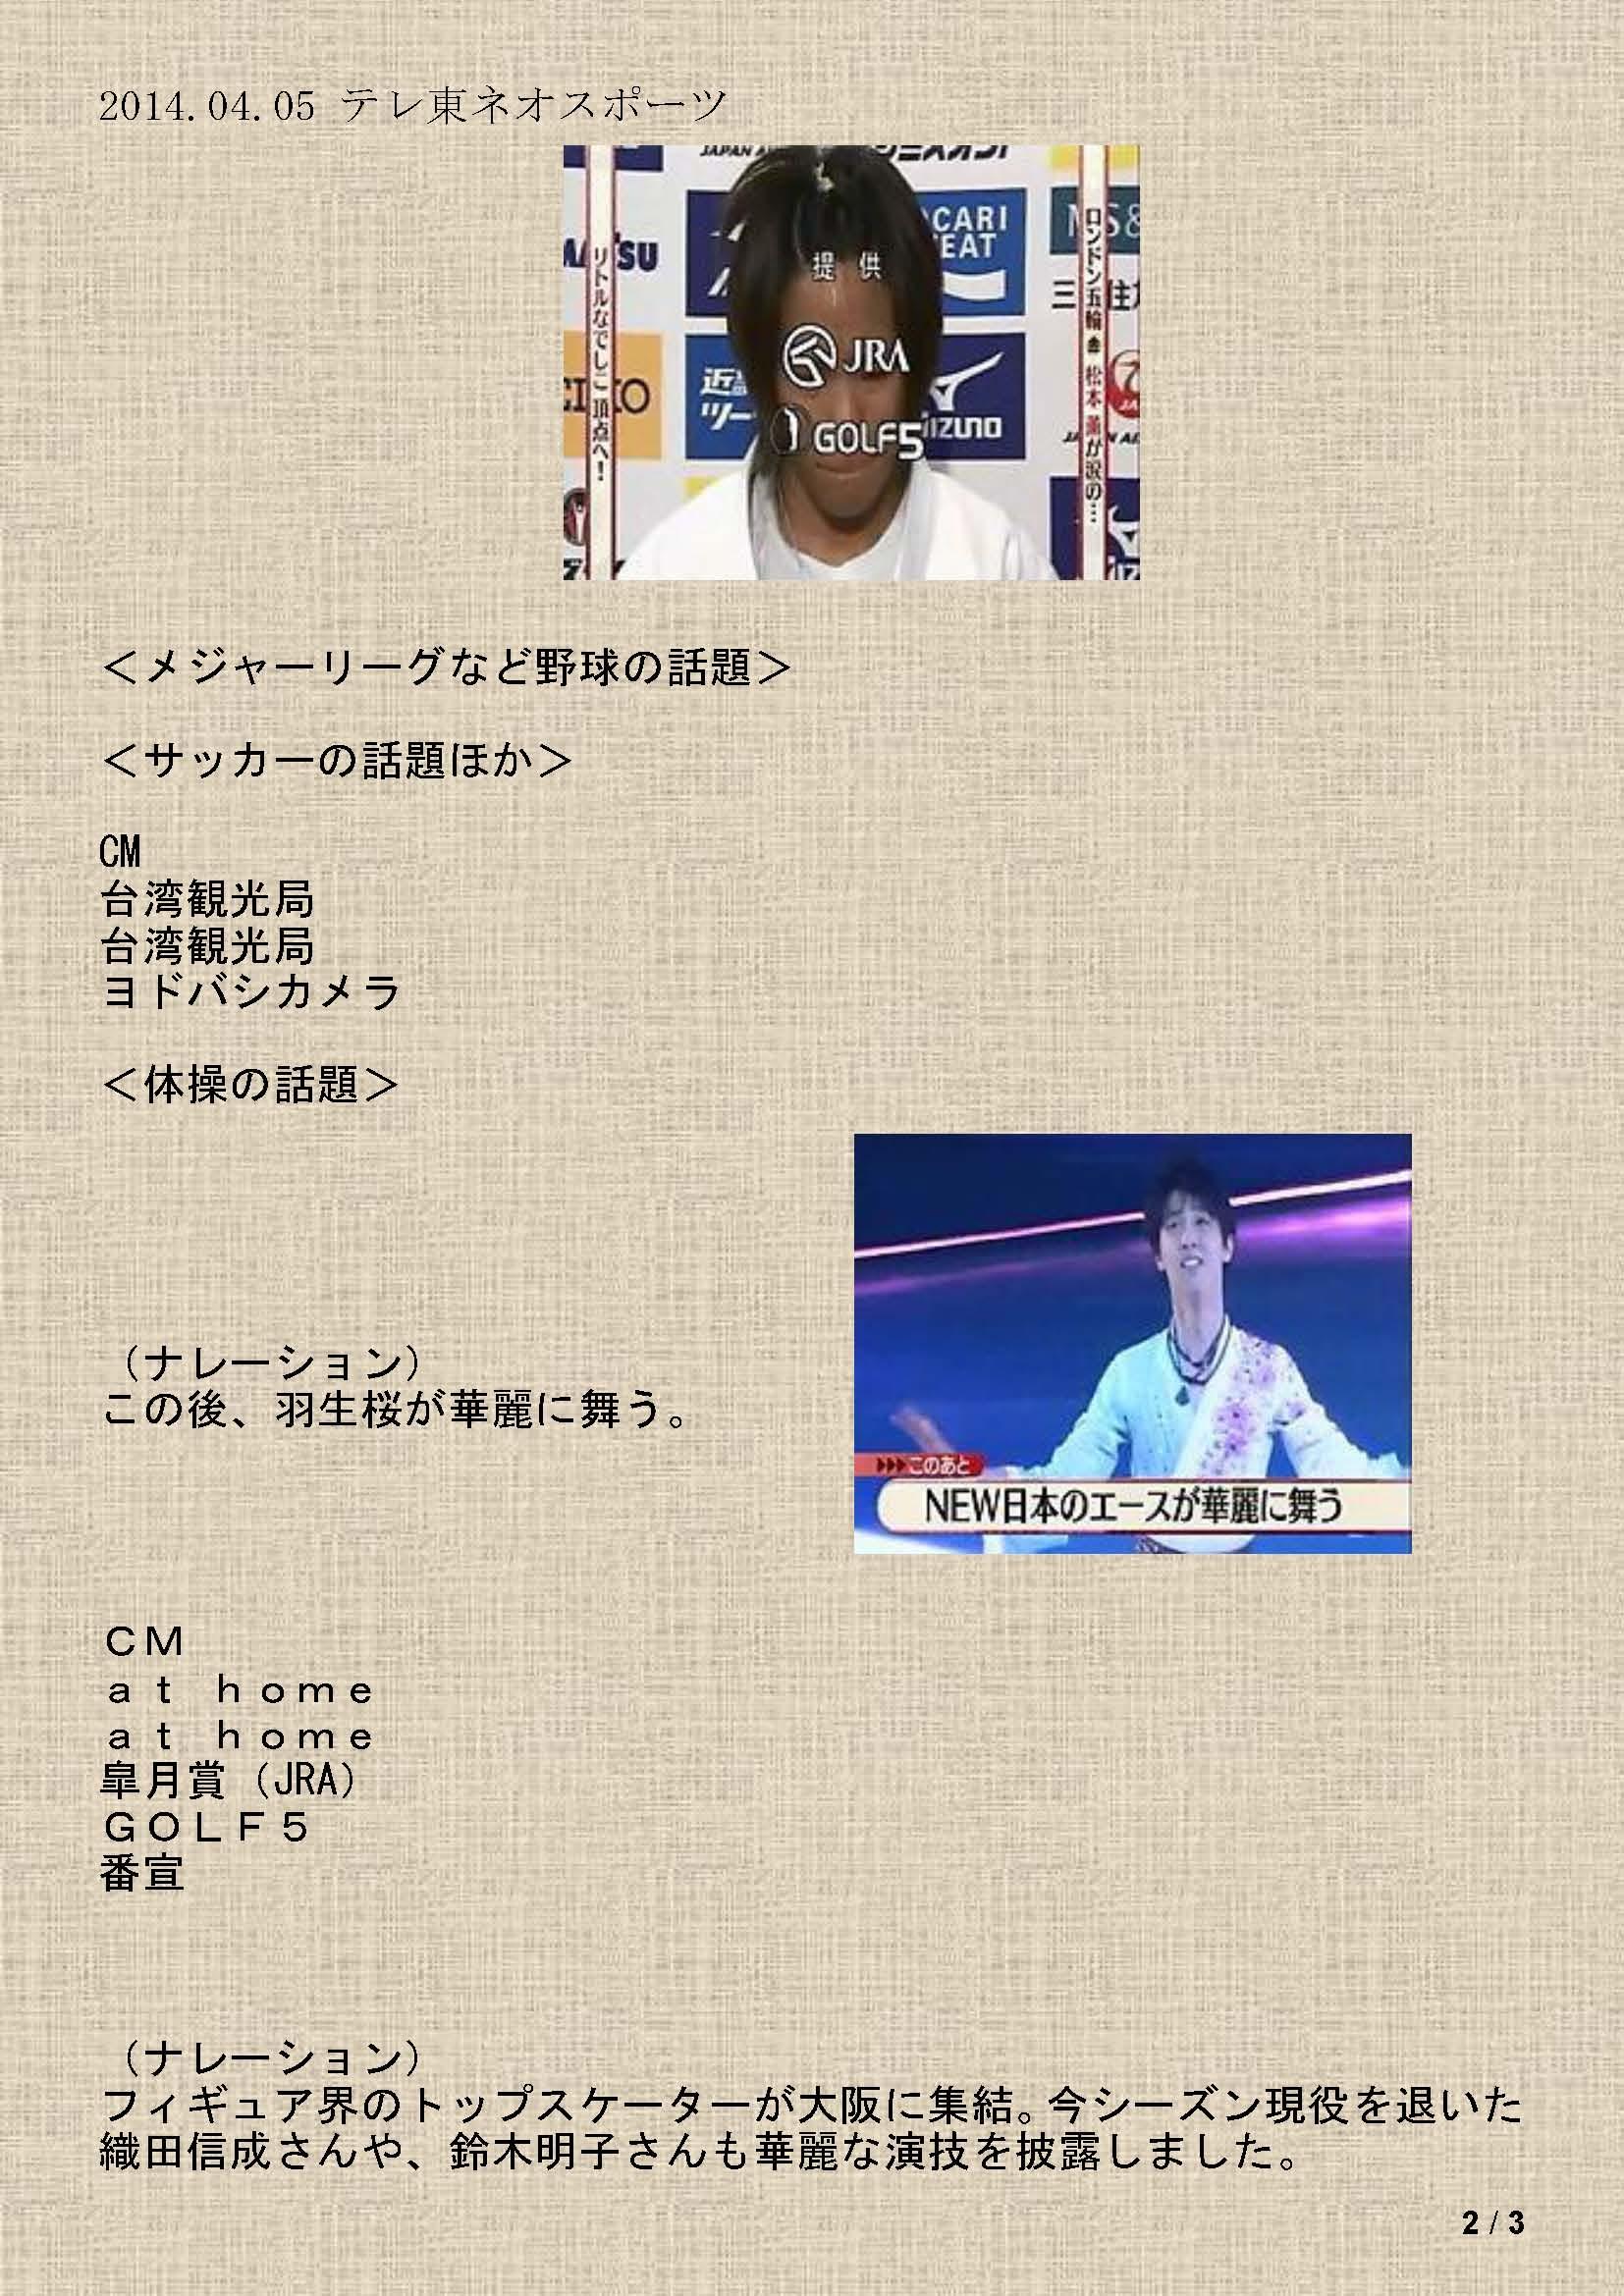 2014.04.05 テレ東ネオスポーツ(羽生:エキシビション)_ページ_2